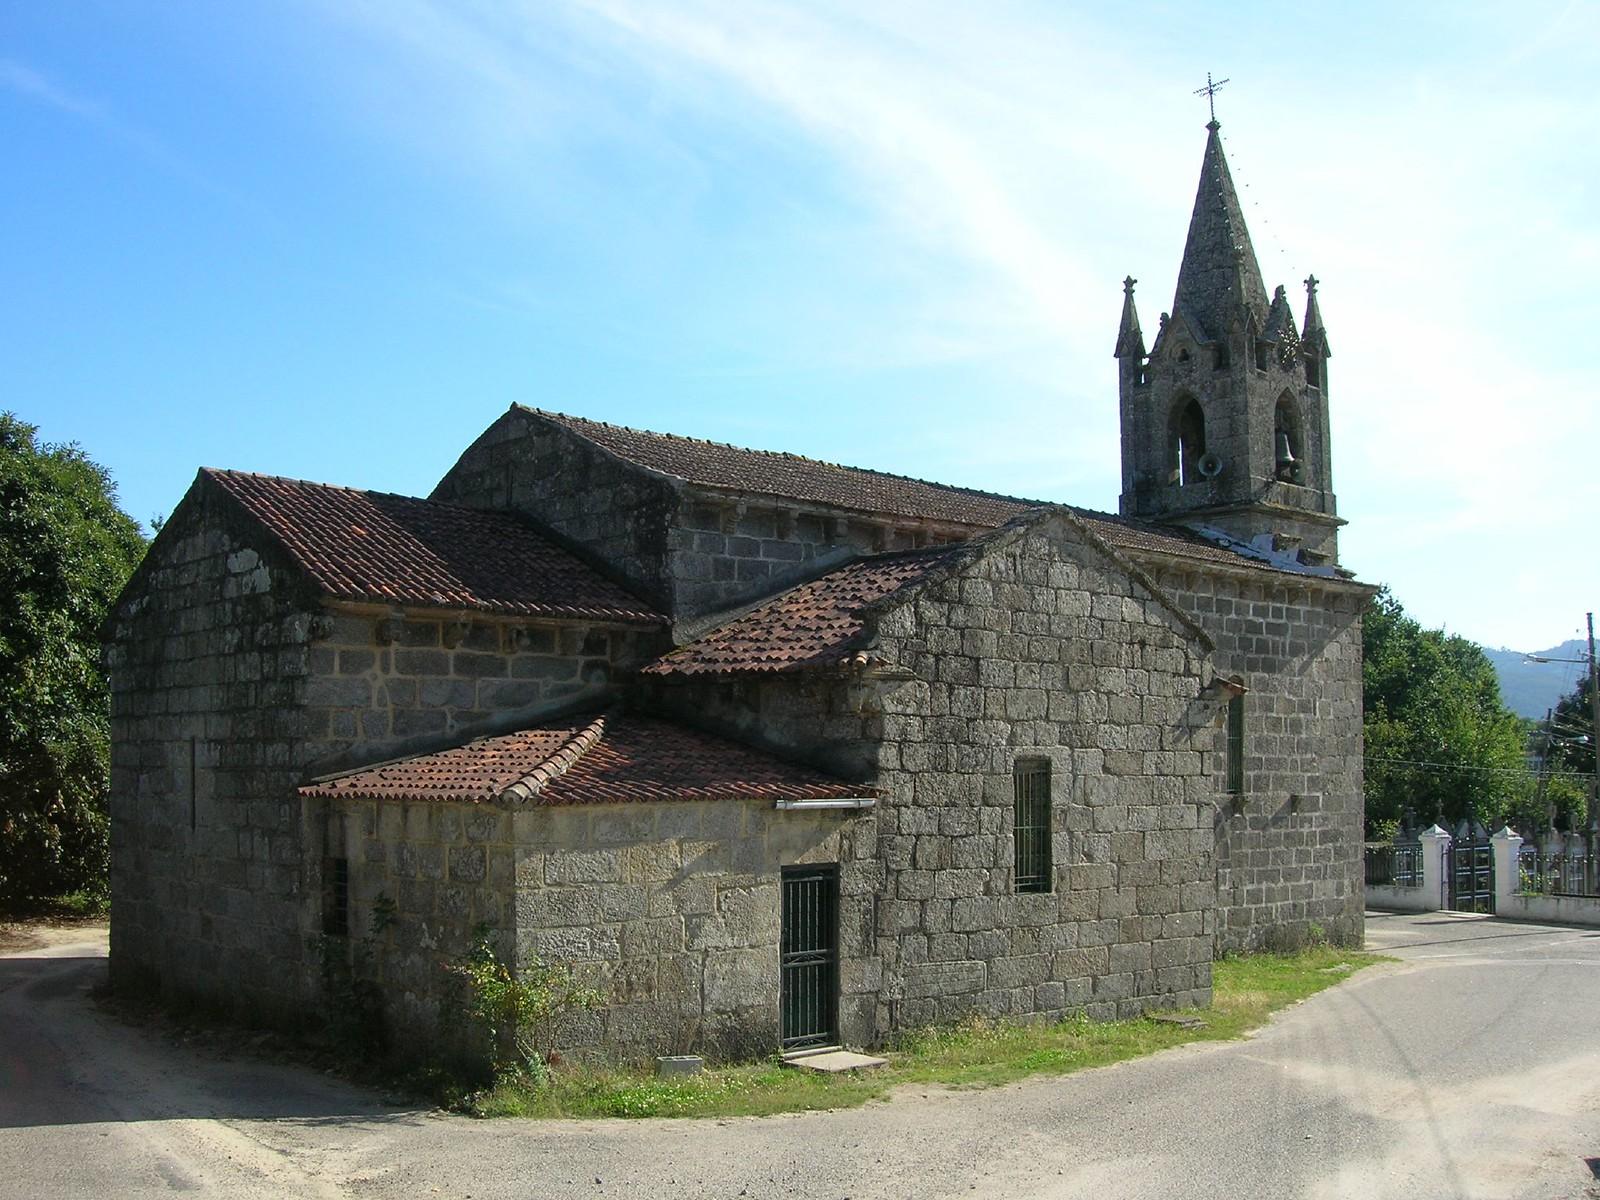 Igrexa de San Pedro de Angoares, Ponteareas